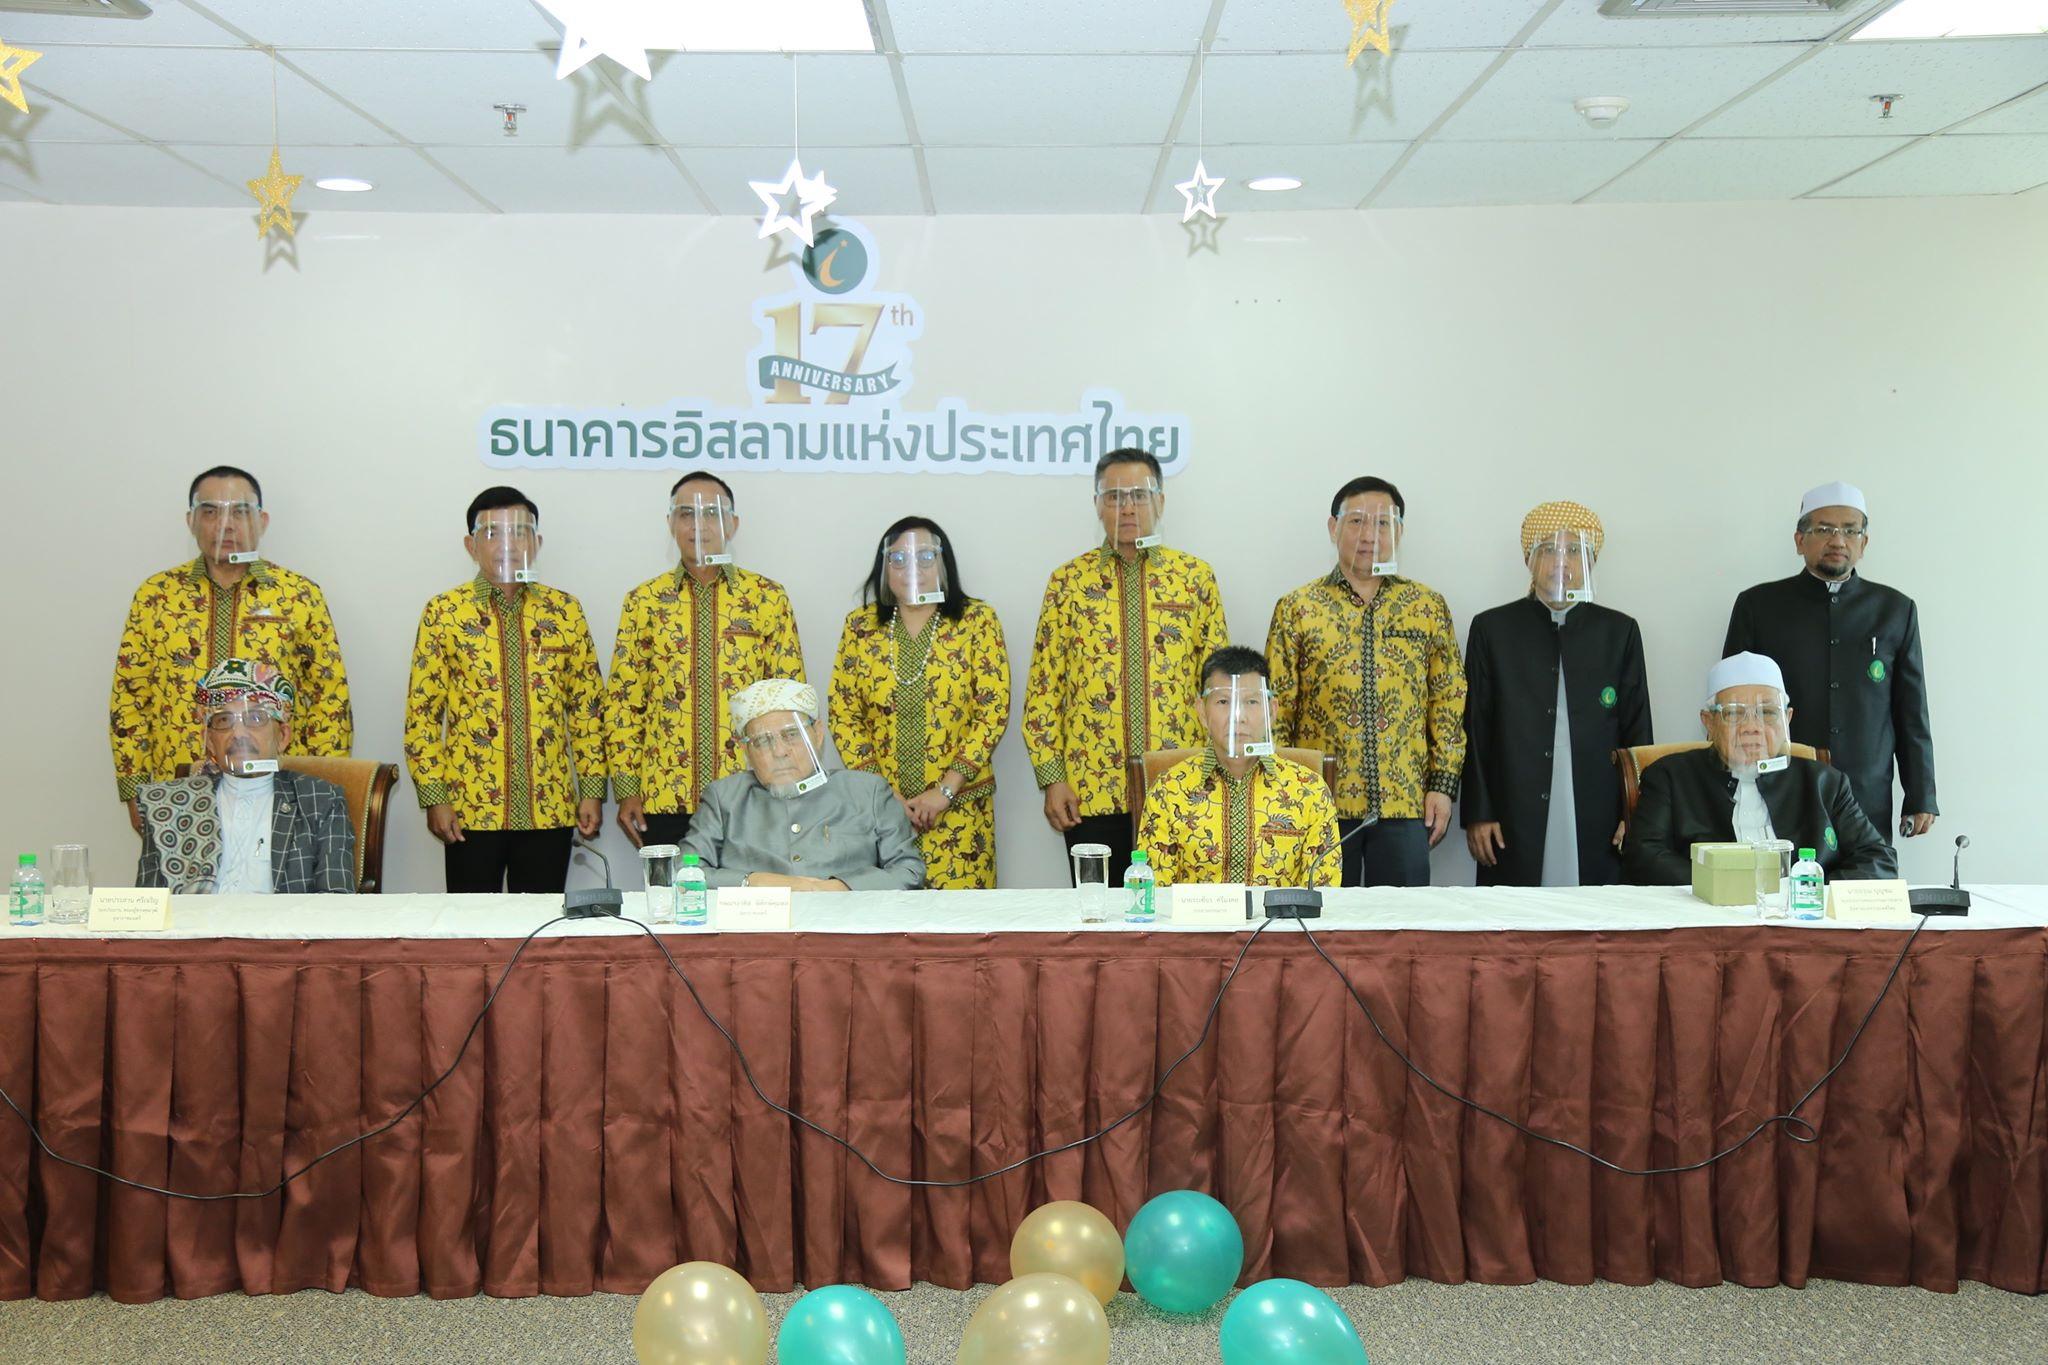 ไอแบงก์จัดงานครบรอบ 17 ปี ธนาคารอิสลามแห่งประเทศไทย